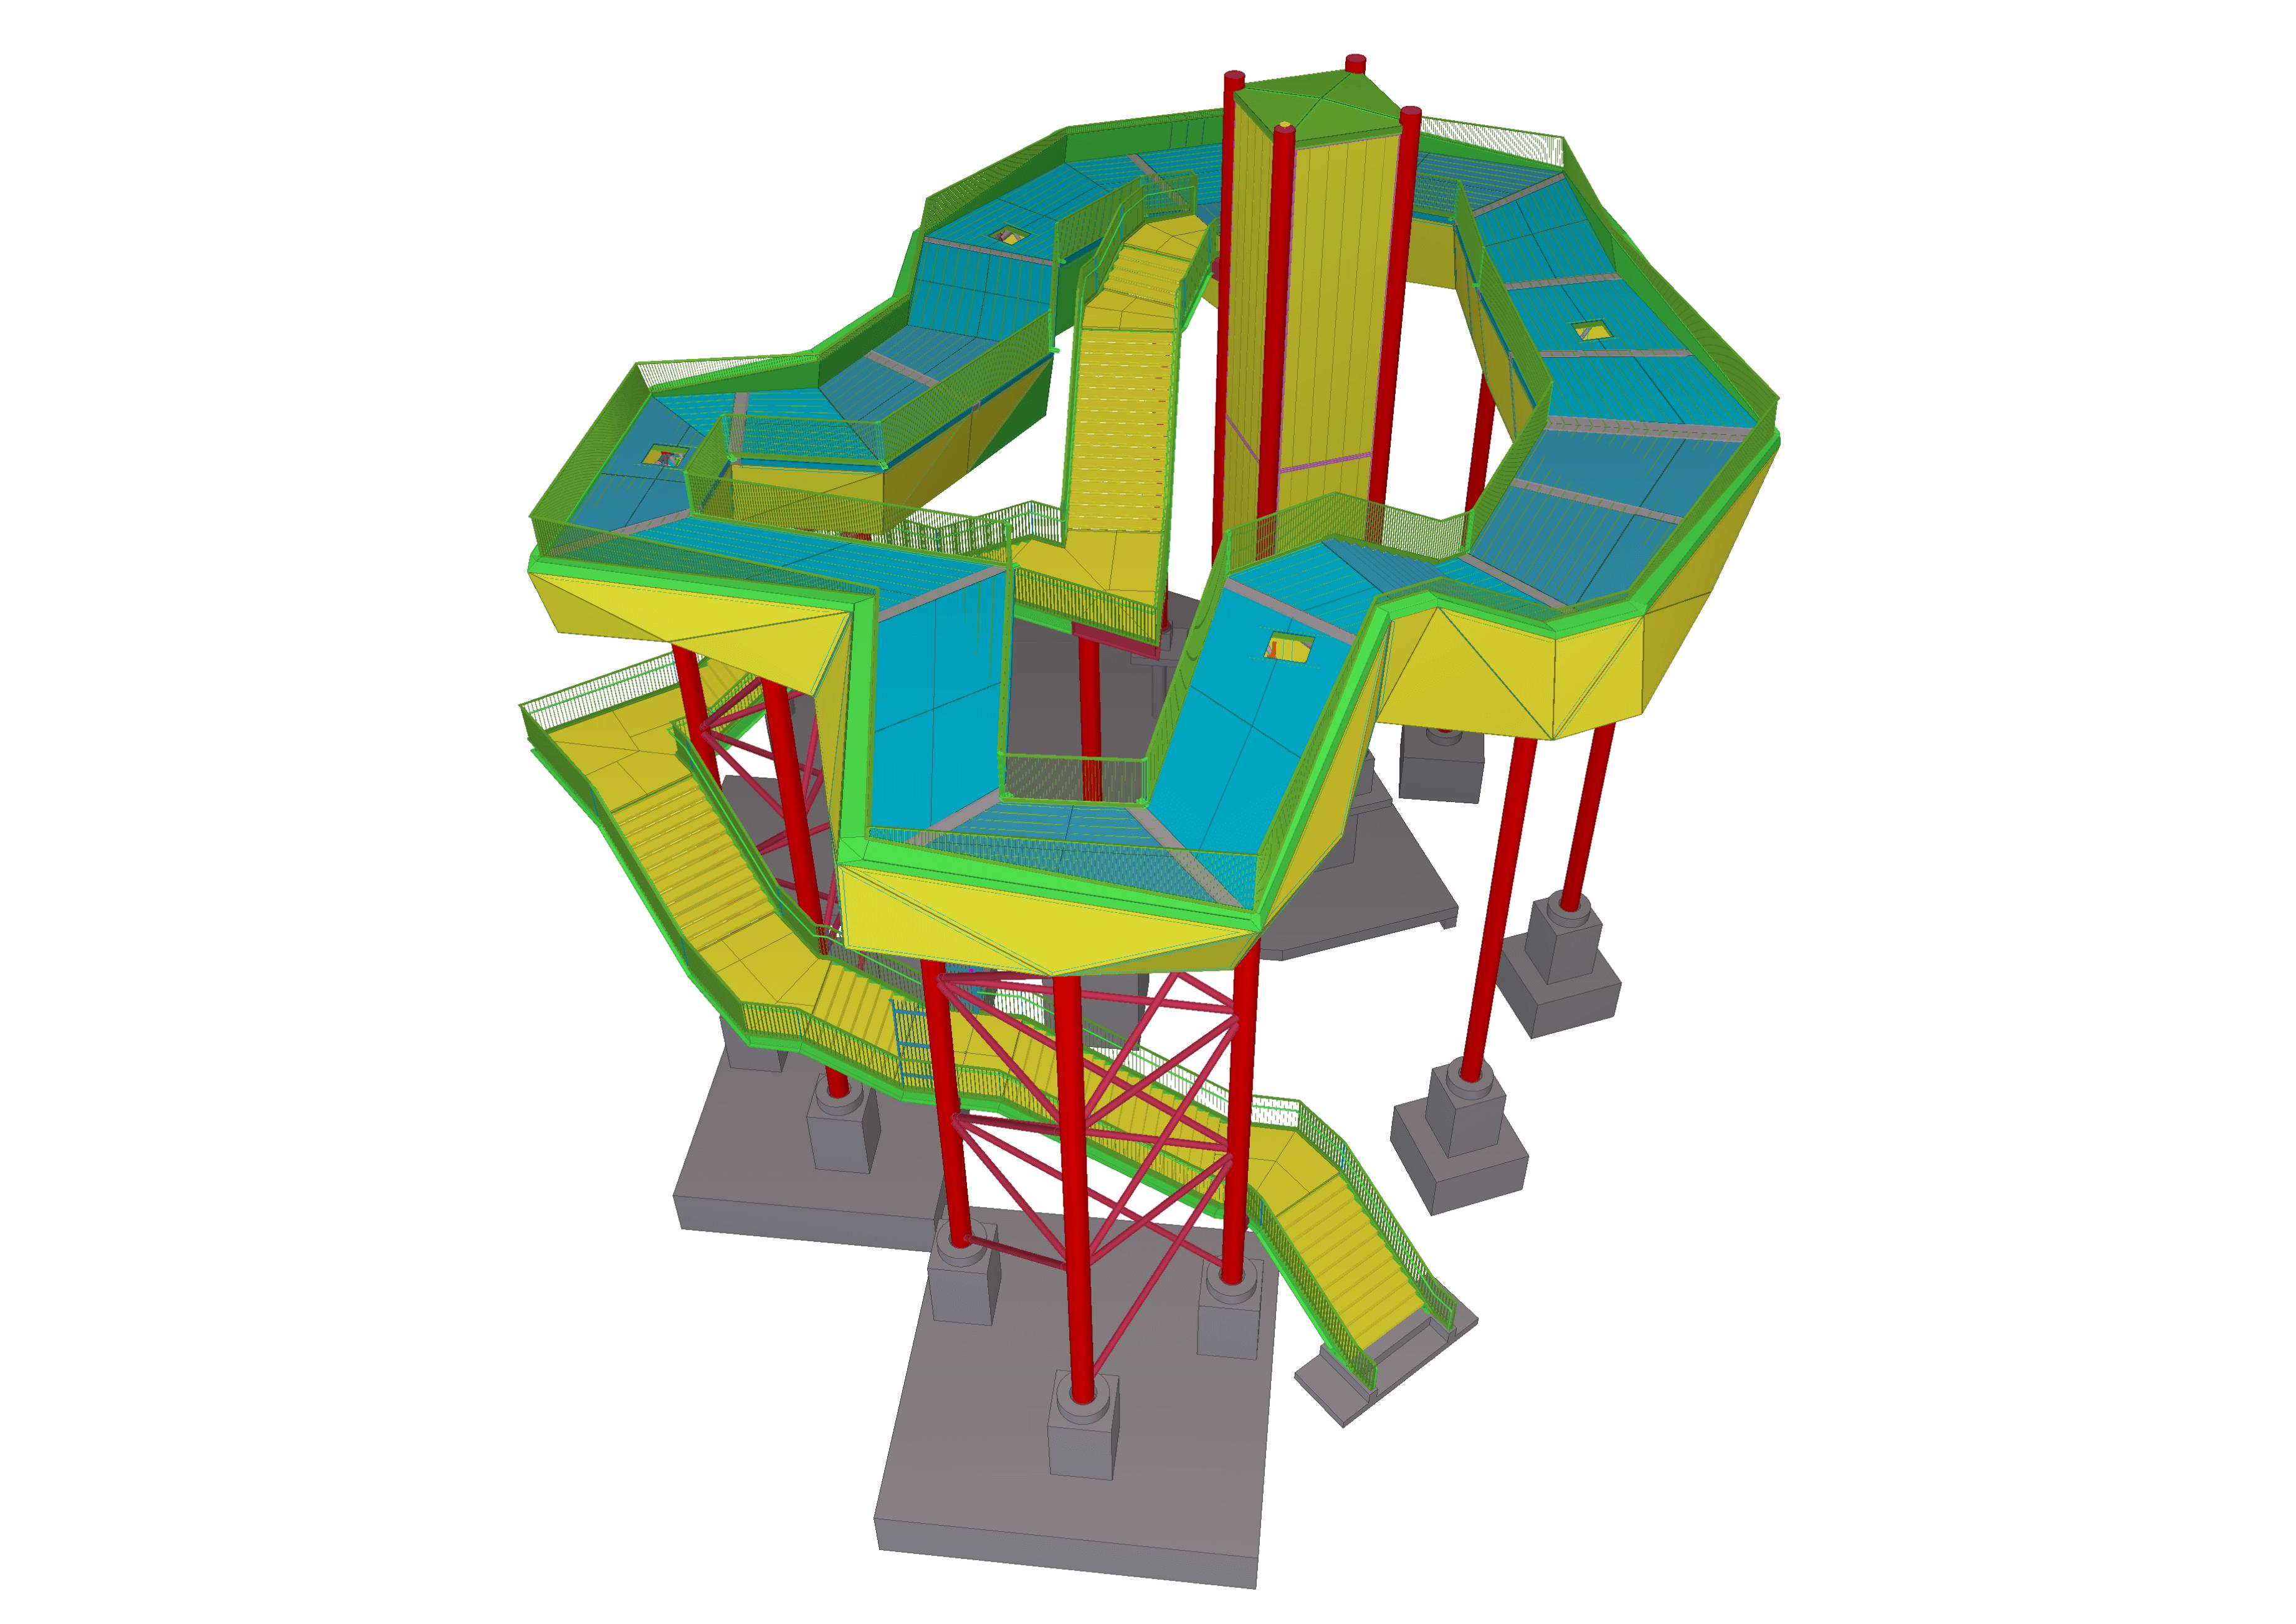 Das Tekla-Structures-Modell als zentrales BIM-Modell für alle nachfolgenden Gewerke.